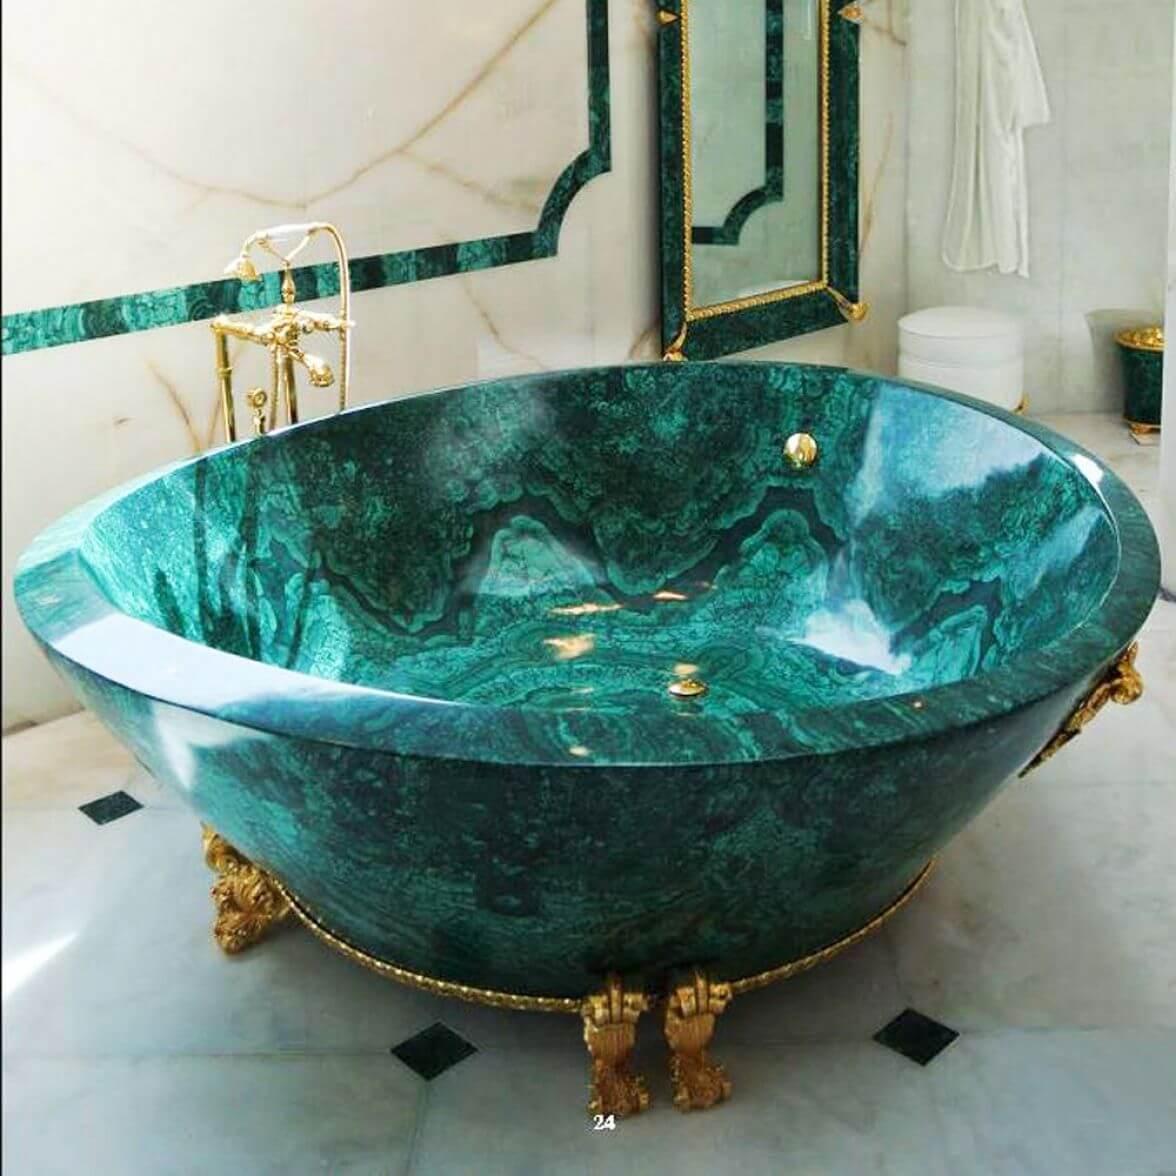 Teuerste Badewanne der Welt